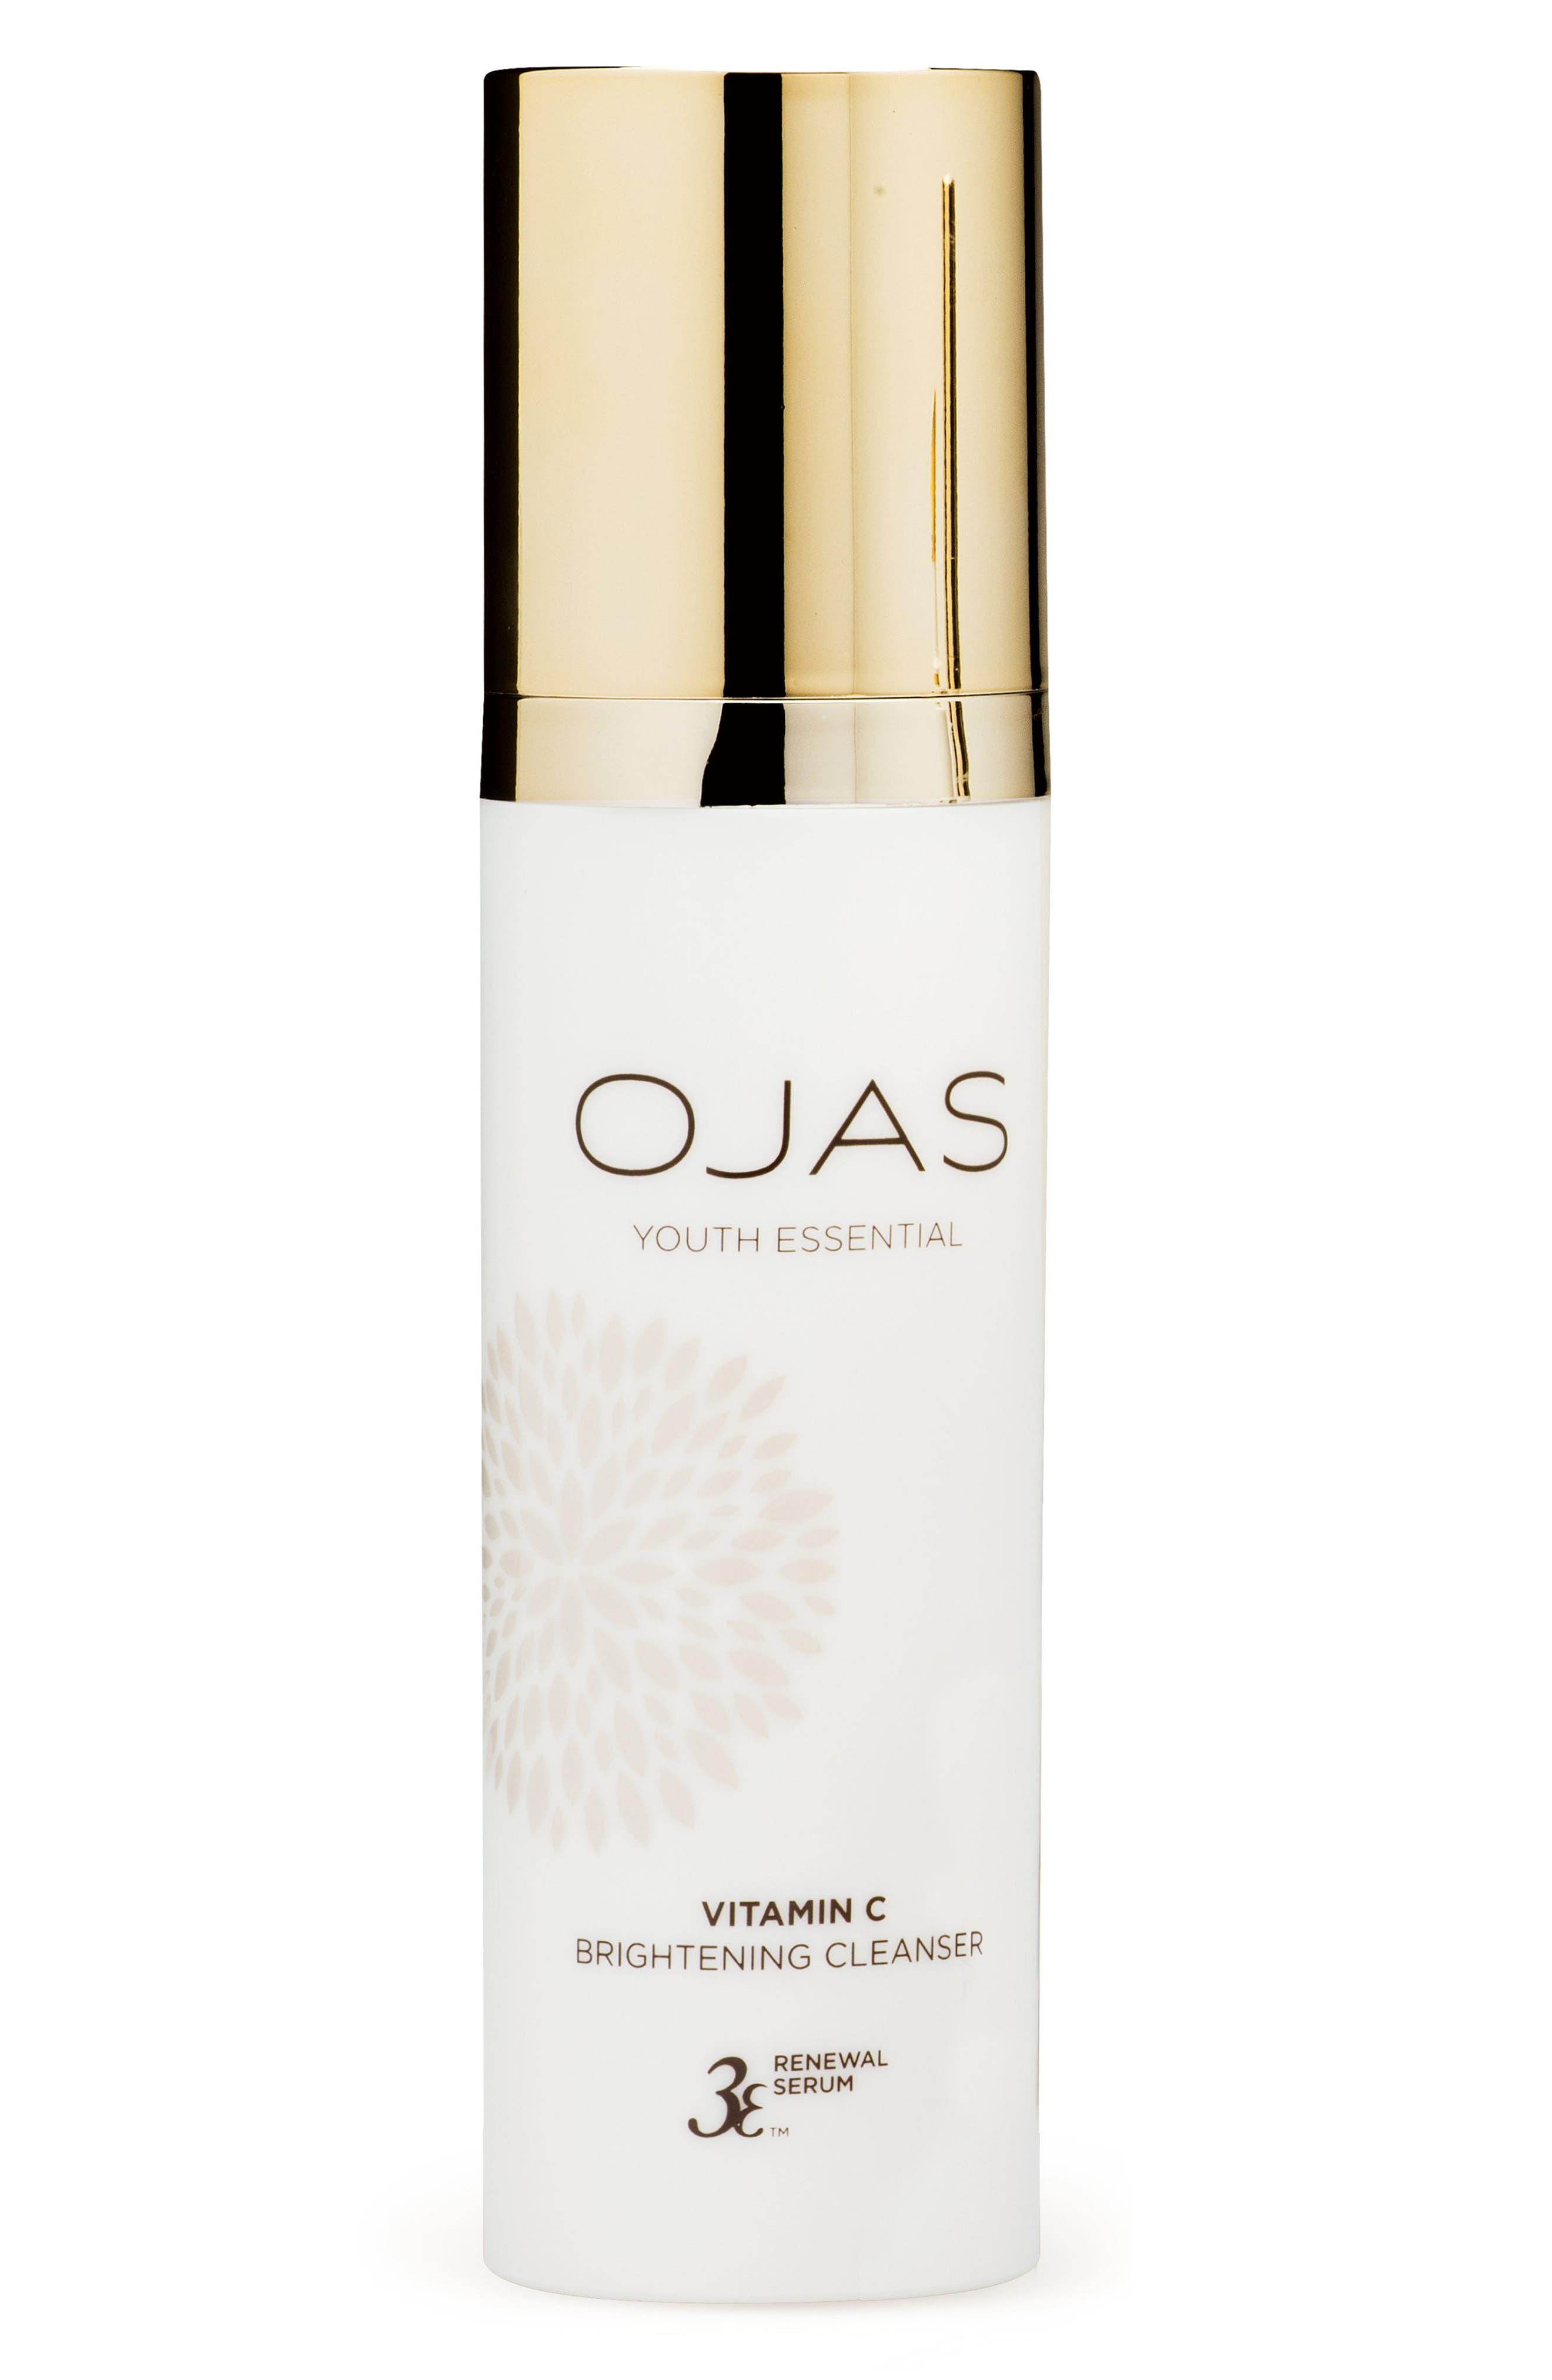 OJAS Vitamin C Brightening Cleanser